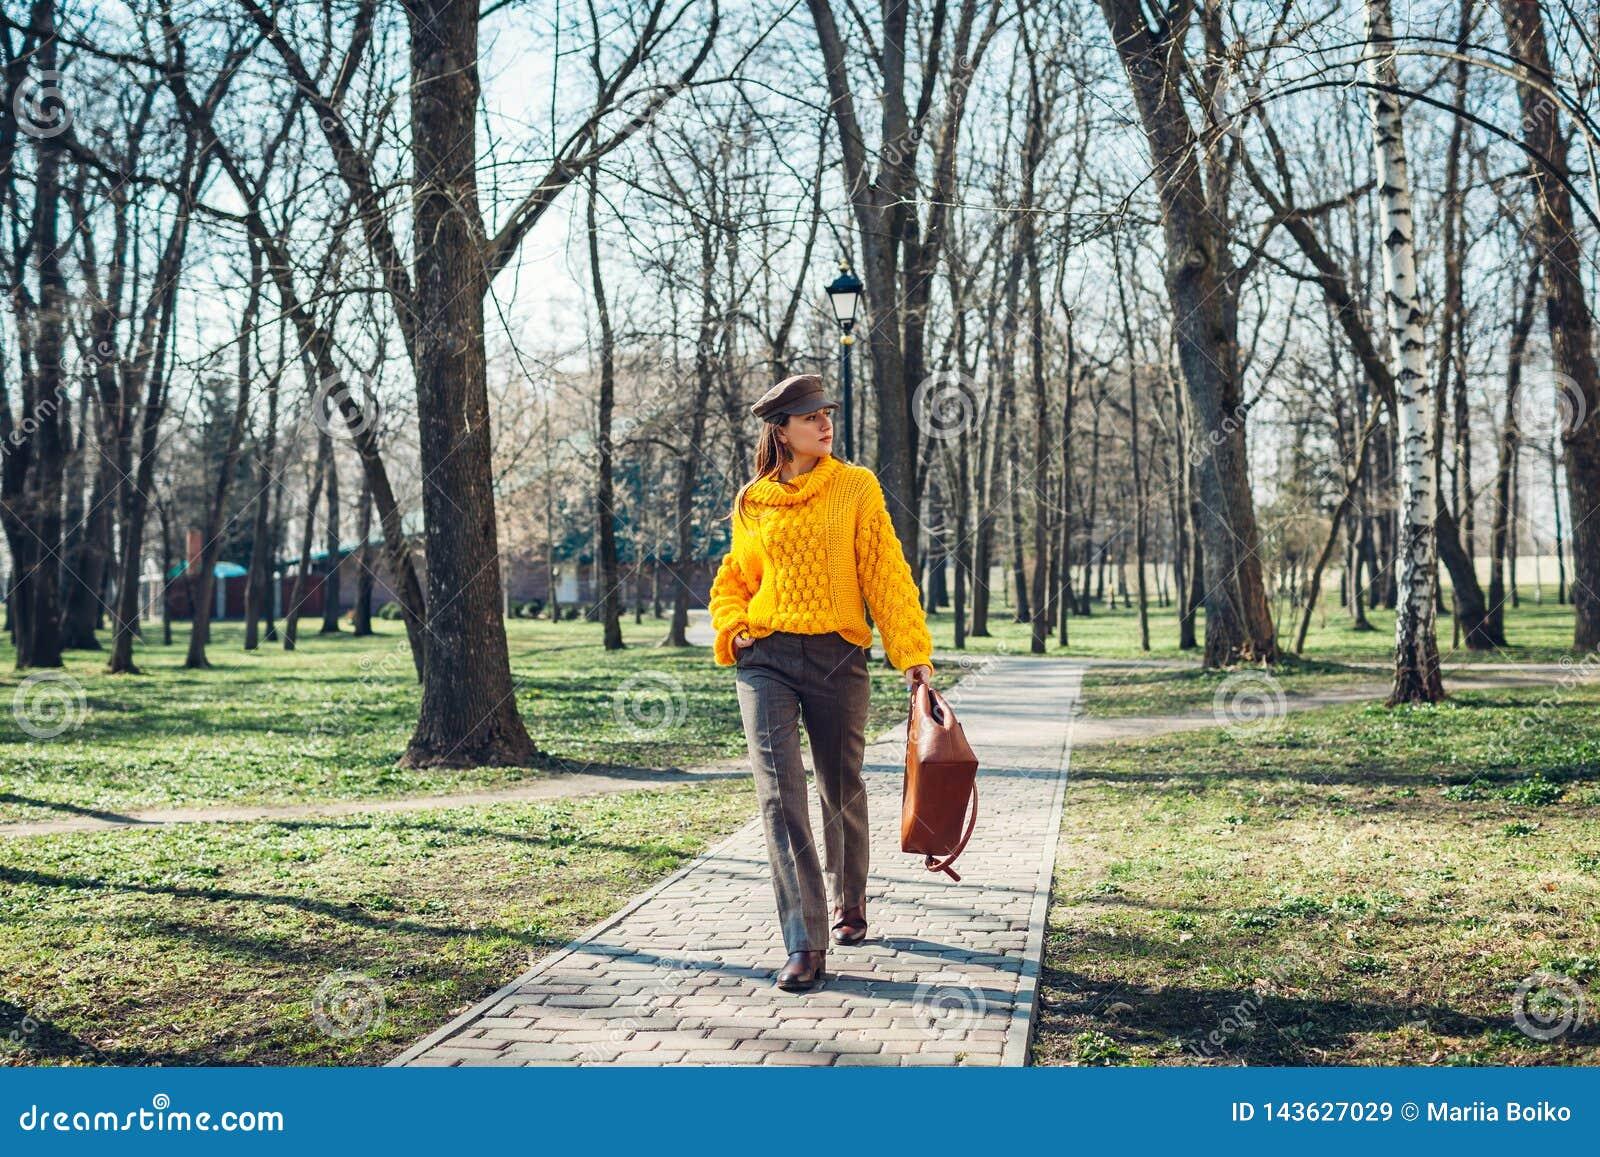 Junge Frau, die stilvolle Handtasche hält und gelbe Strickjacke trägt Frühlingsfrauenkleider und -zusätze Art und Weise